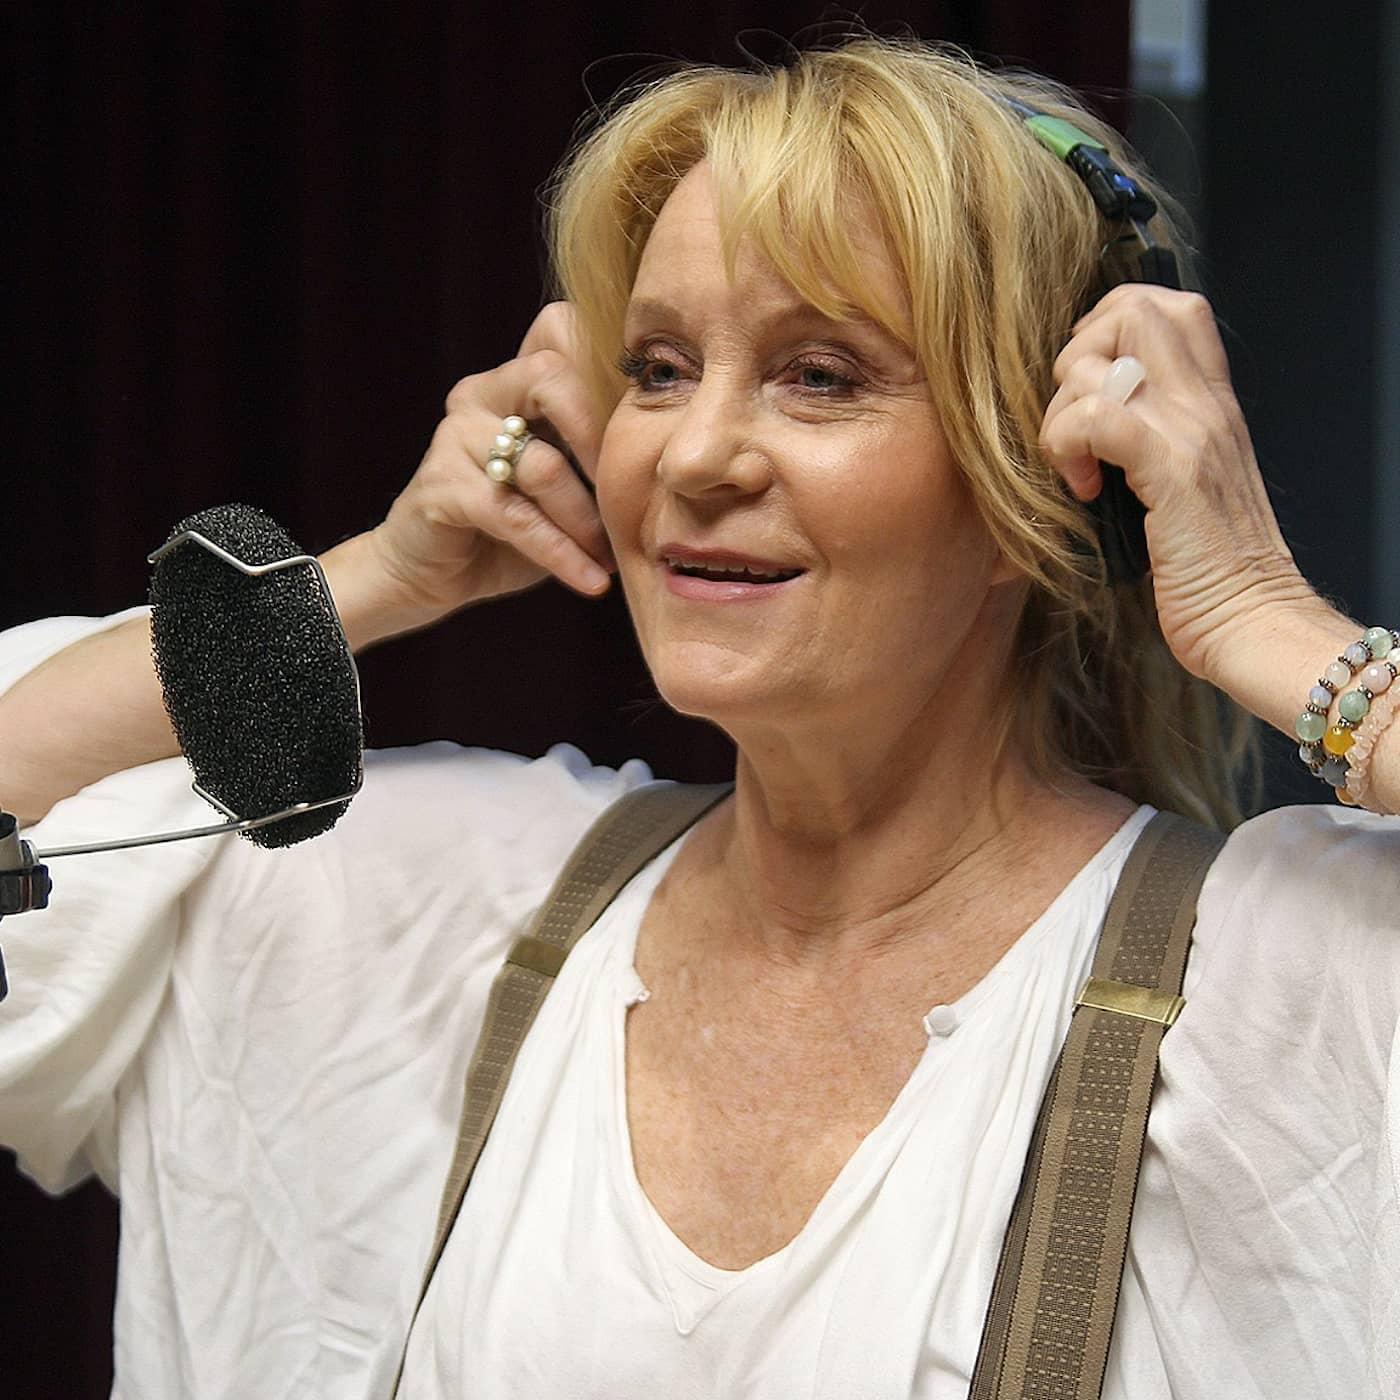 Maria Lundqvist vill väcka liv i karaktären Sally